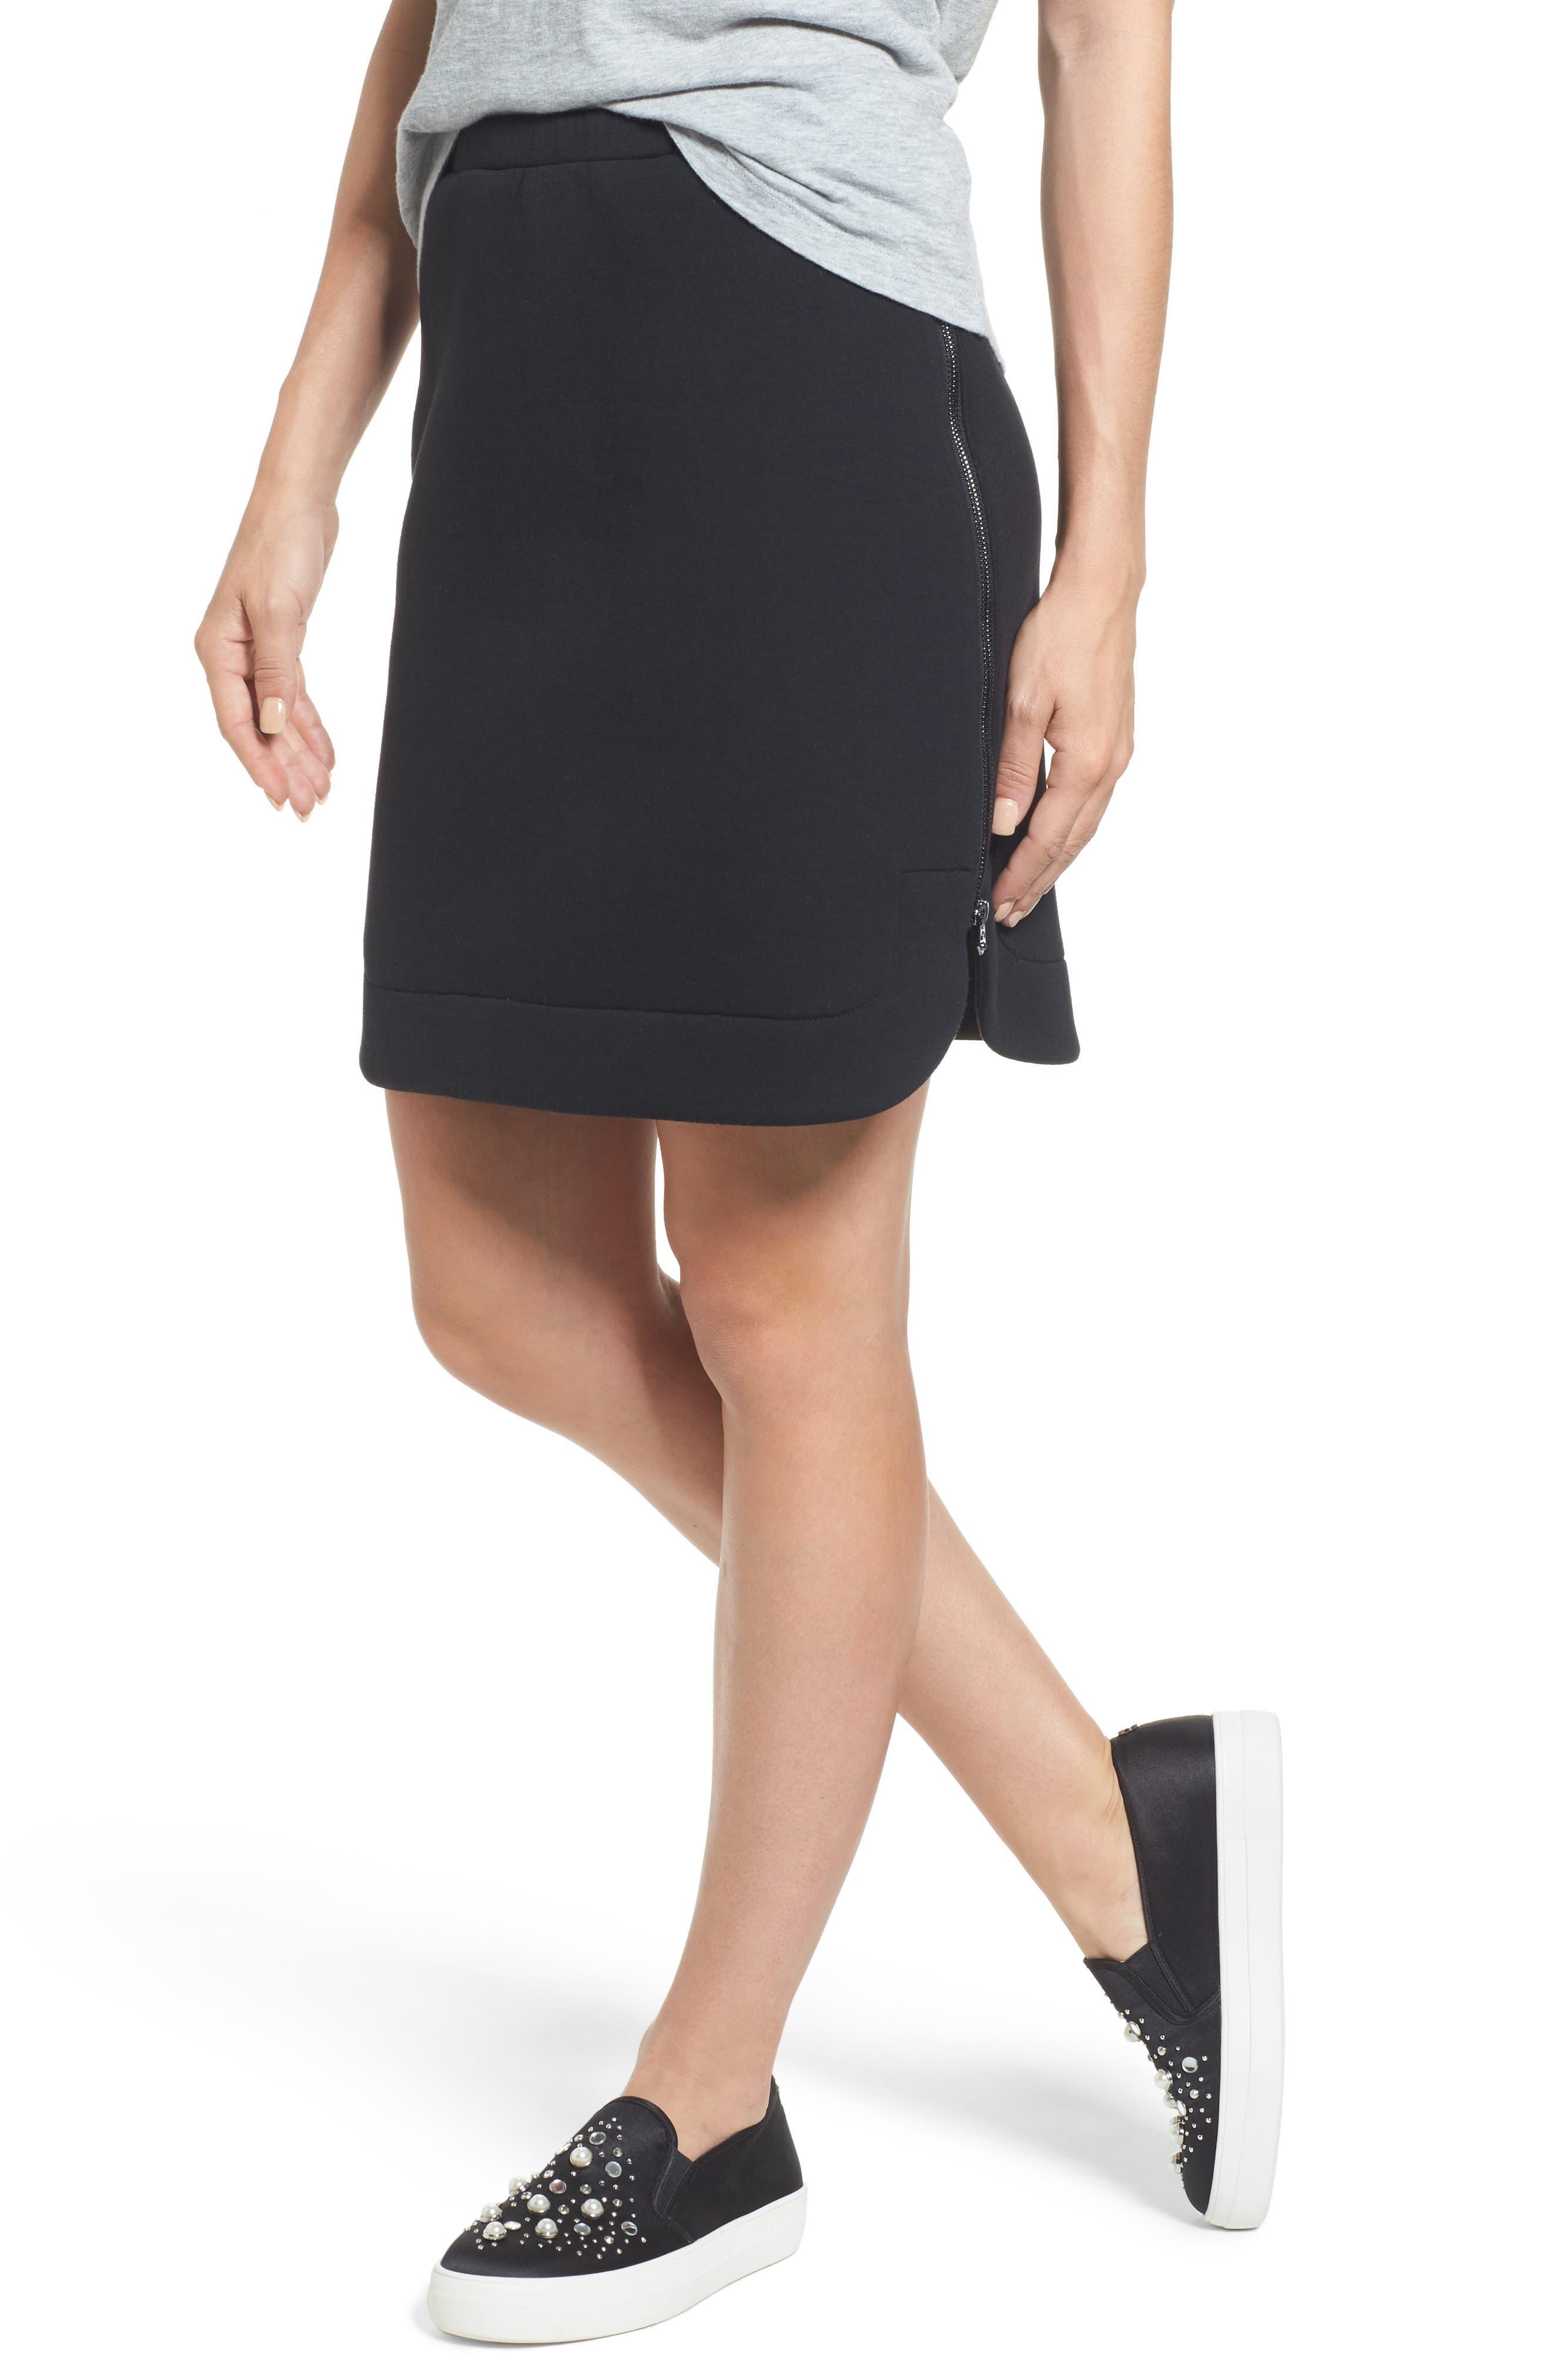 Alternate Image 1 Selected - Halogen® Side Zip Neoprene Skirt